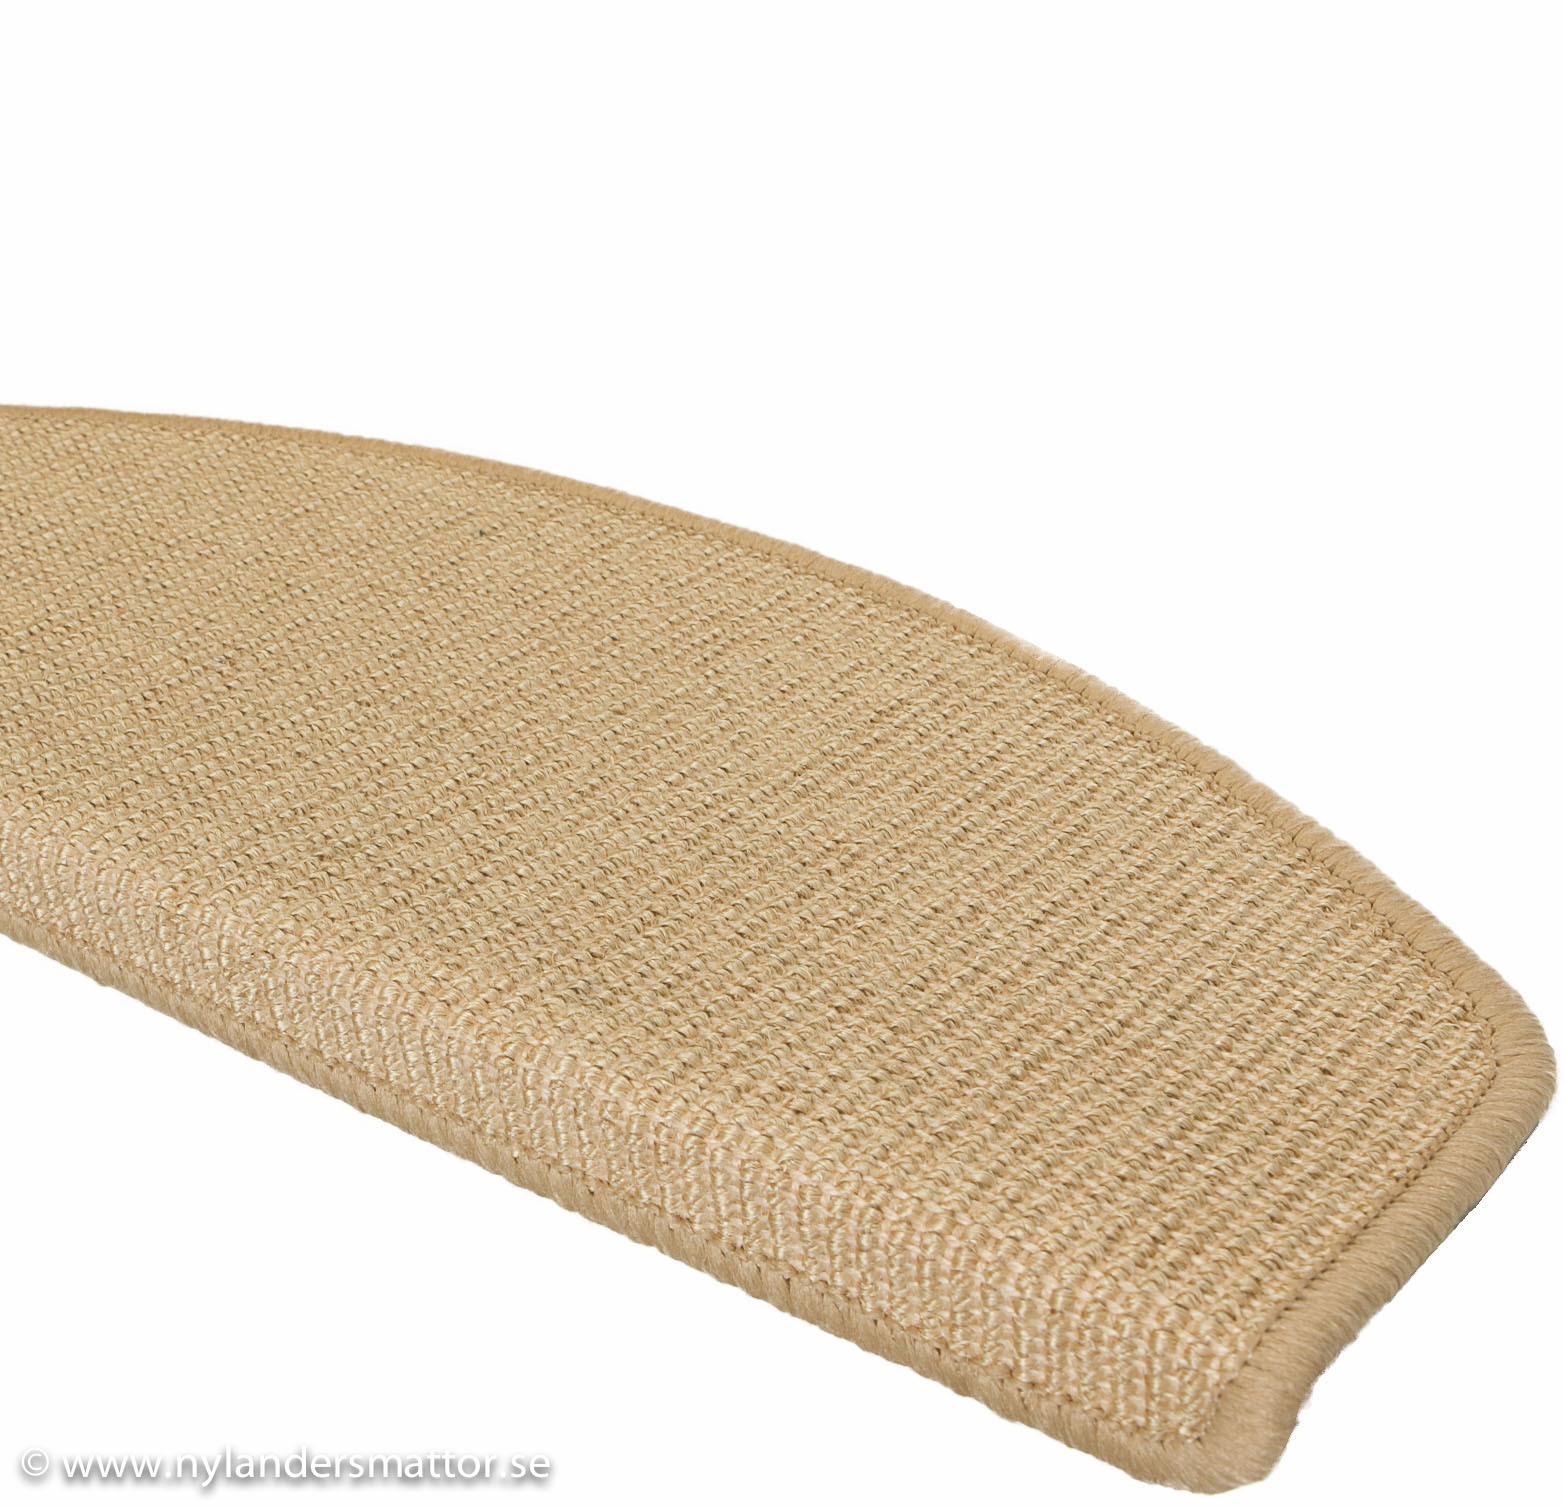 Bild på mattan Sisal Step